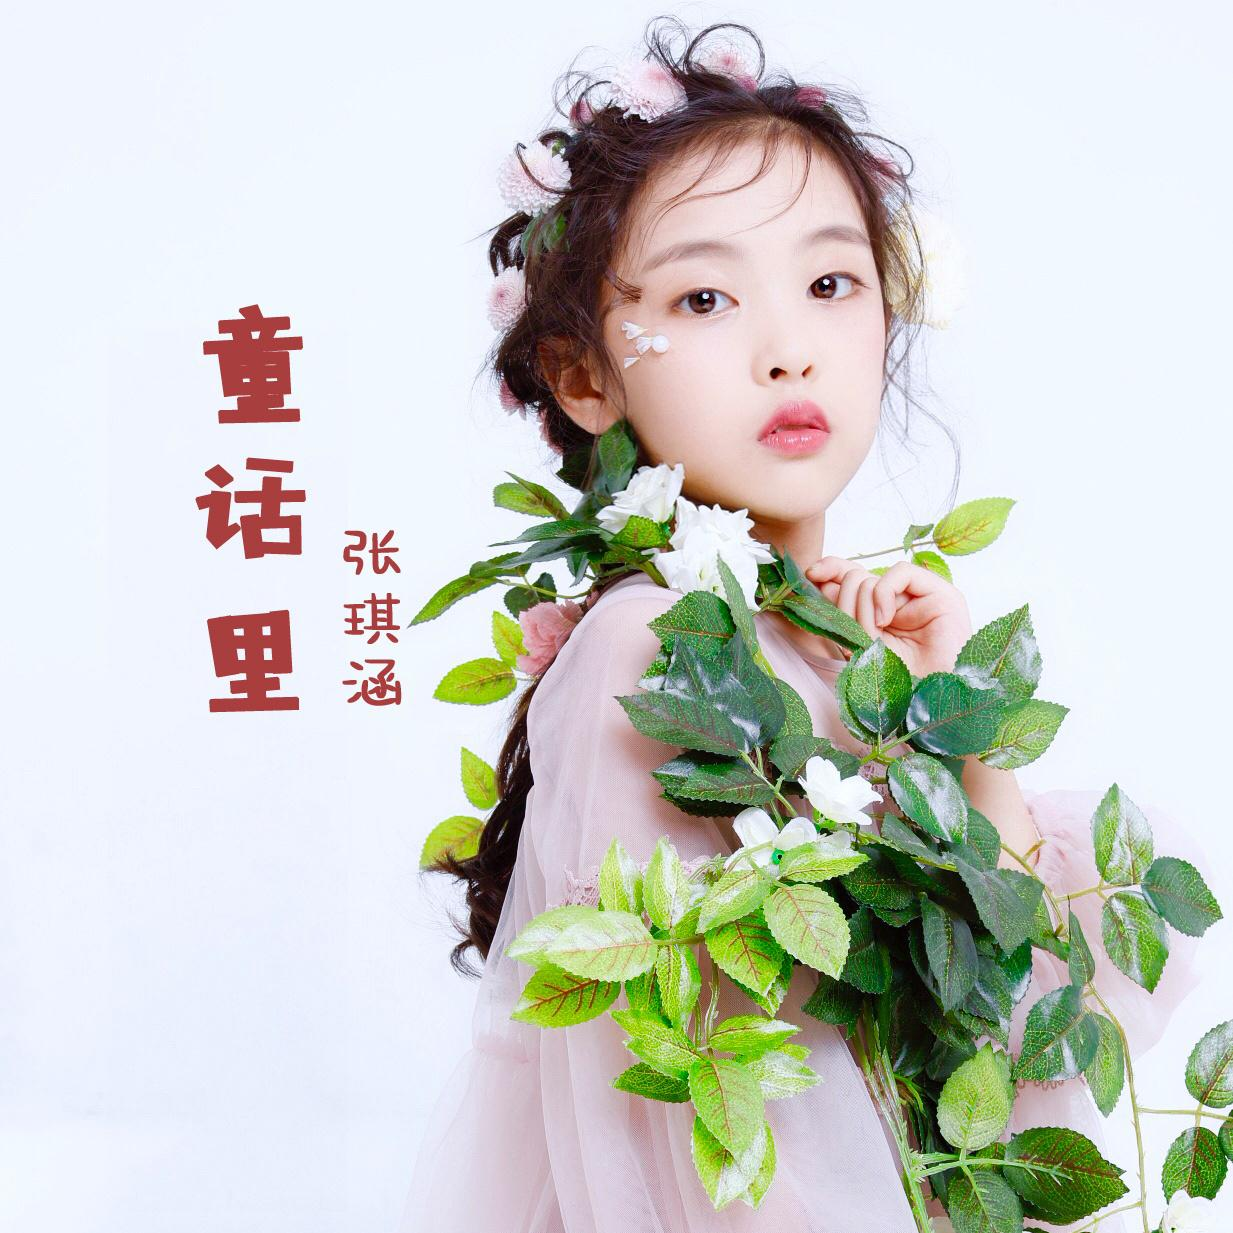 童话里 - 张琪涵 - 单曲 - 网易云音乐